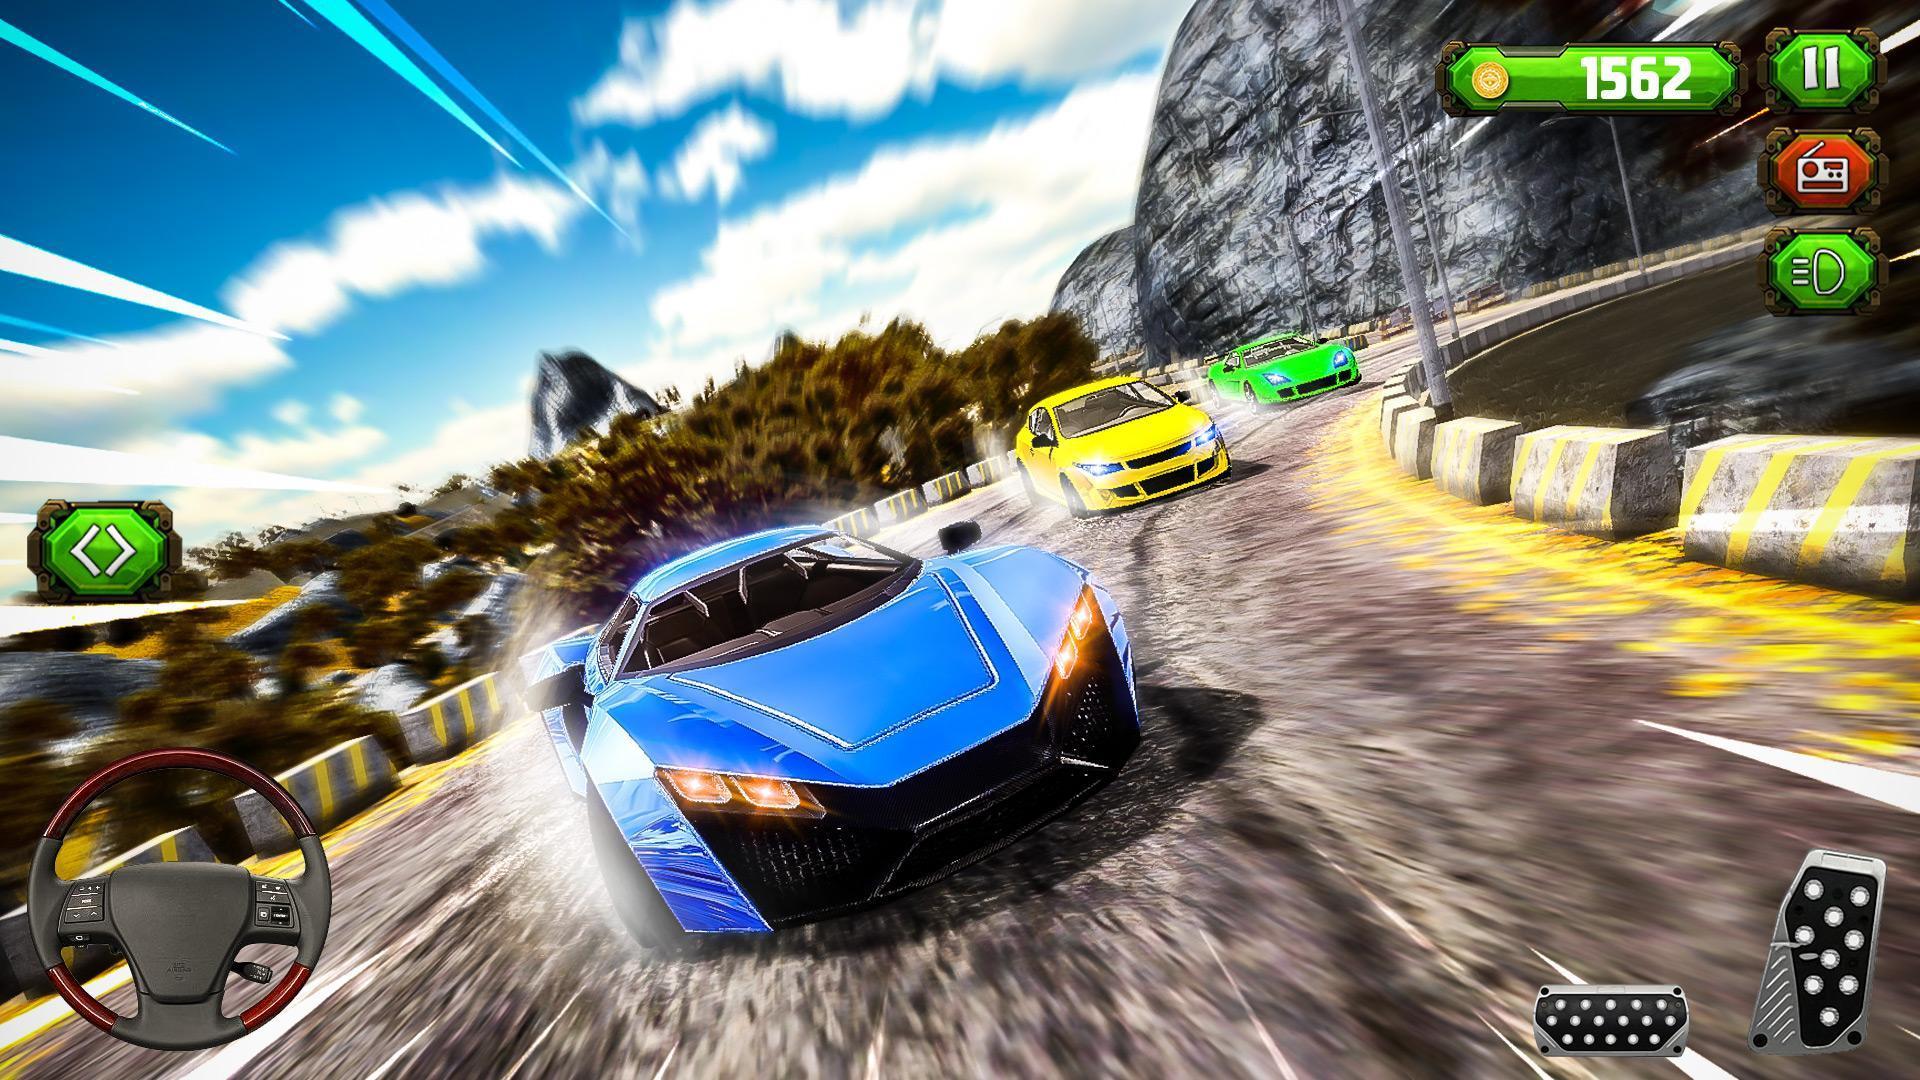 Jeux De Voiture 2020: Jeu De Course Automobile Pour Android tout Jeux De Course En Voiture